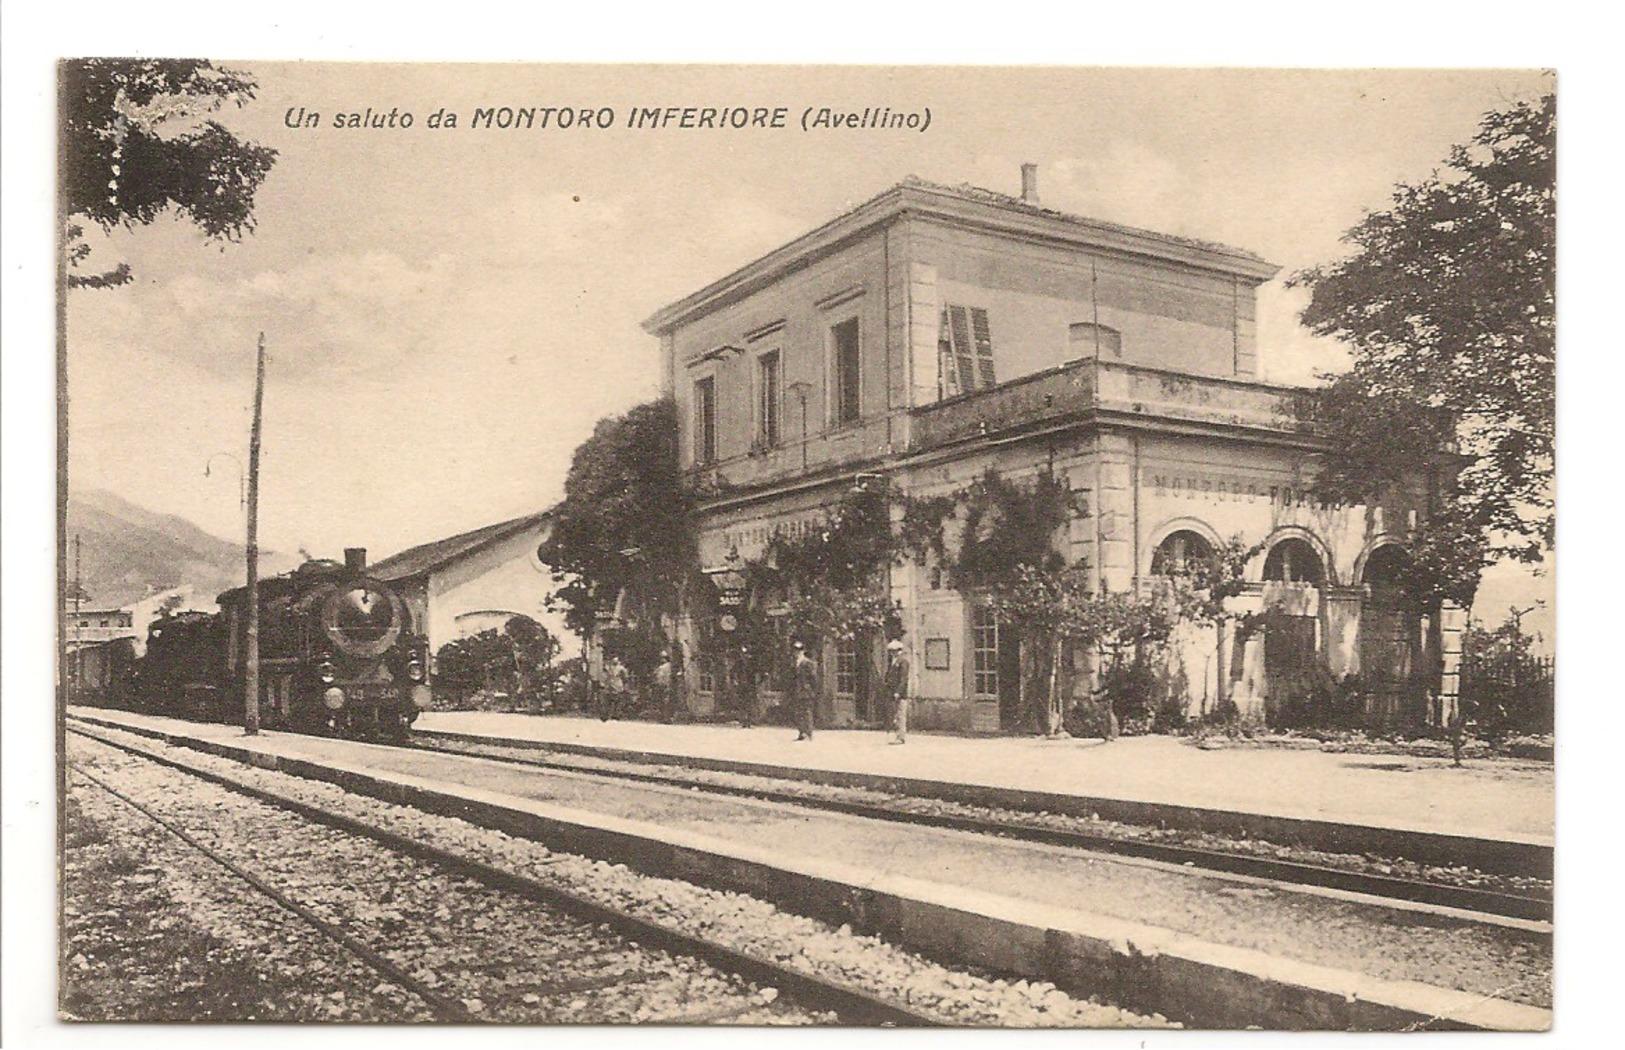 UN SALUTO DA MONTORO INFERIORE - STAZIONE - Avellino